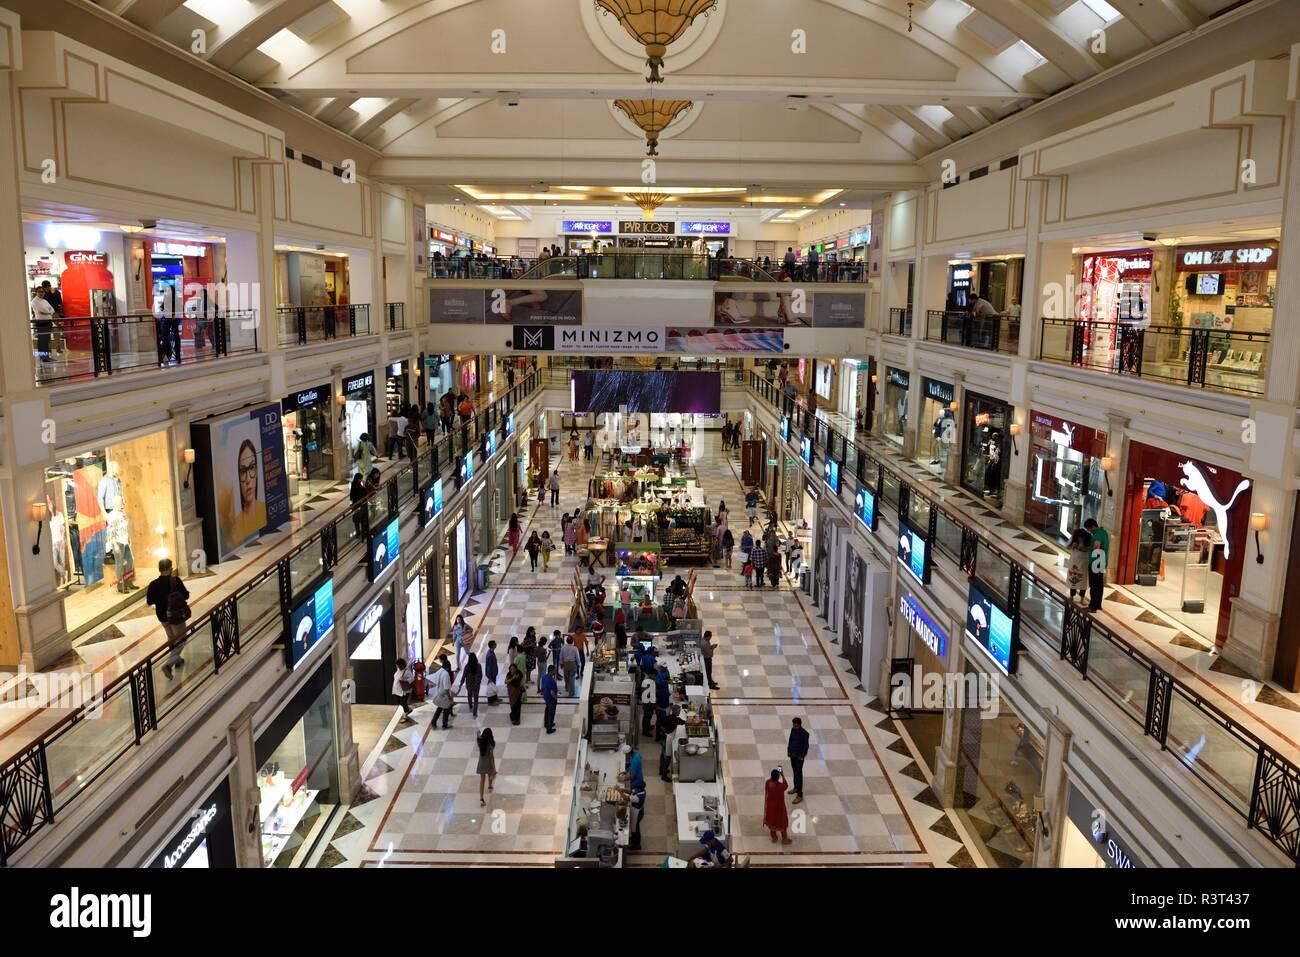 Ambience Mall, un centre commercial Centre commercial avec restaurants et cinémas, situé dans la région de Vasant Kunj New Delhi. Photo Stock